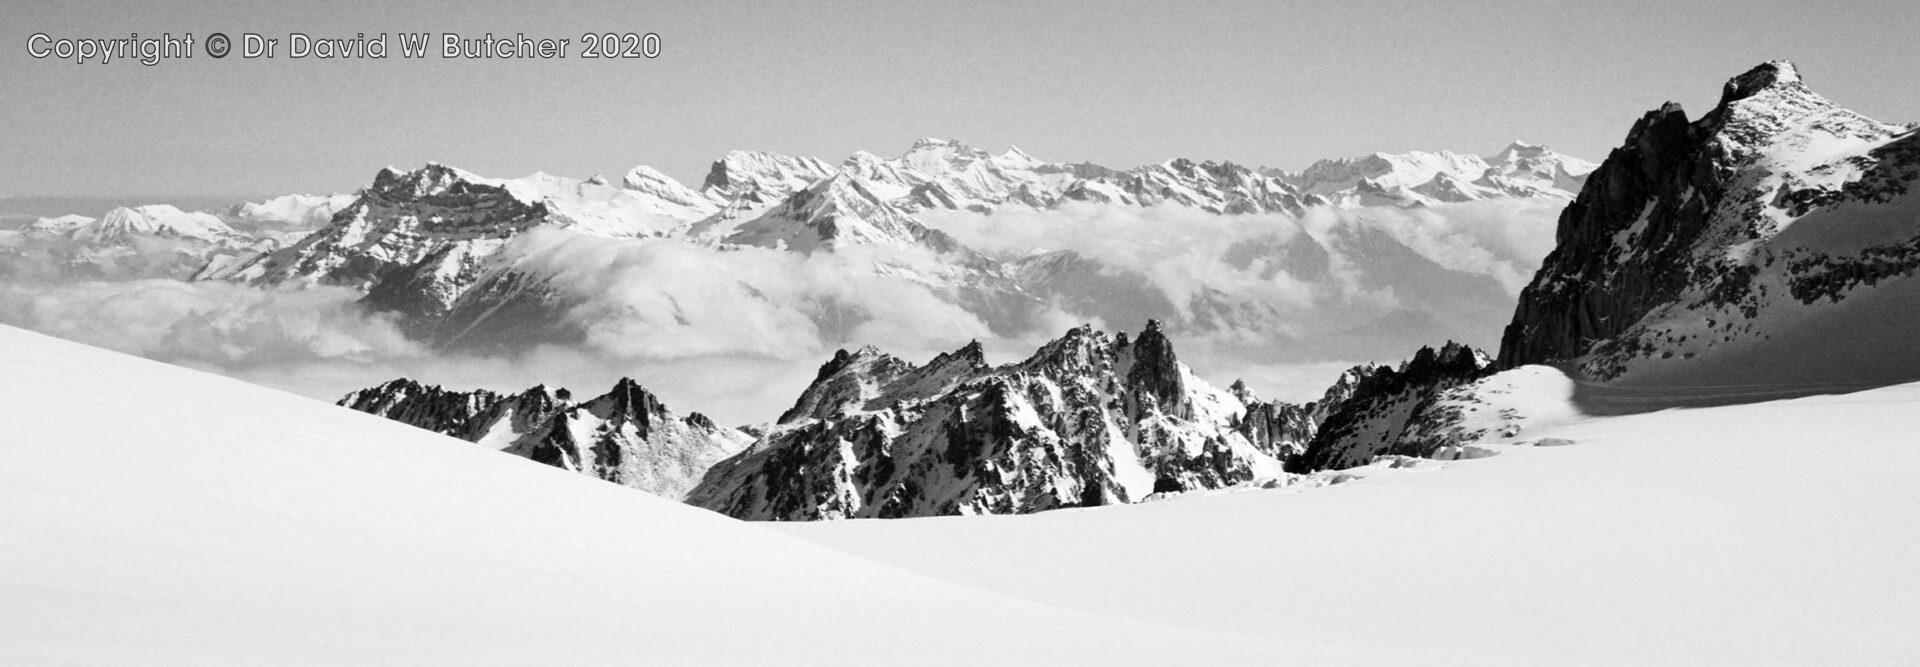 Trient, Plateau du Trient View East, Switzerland